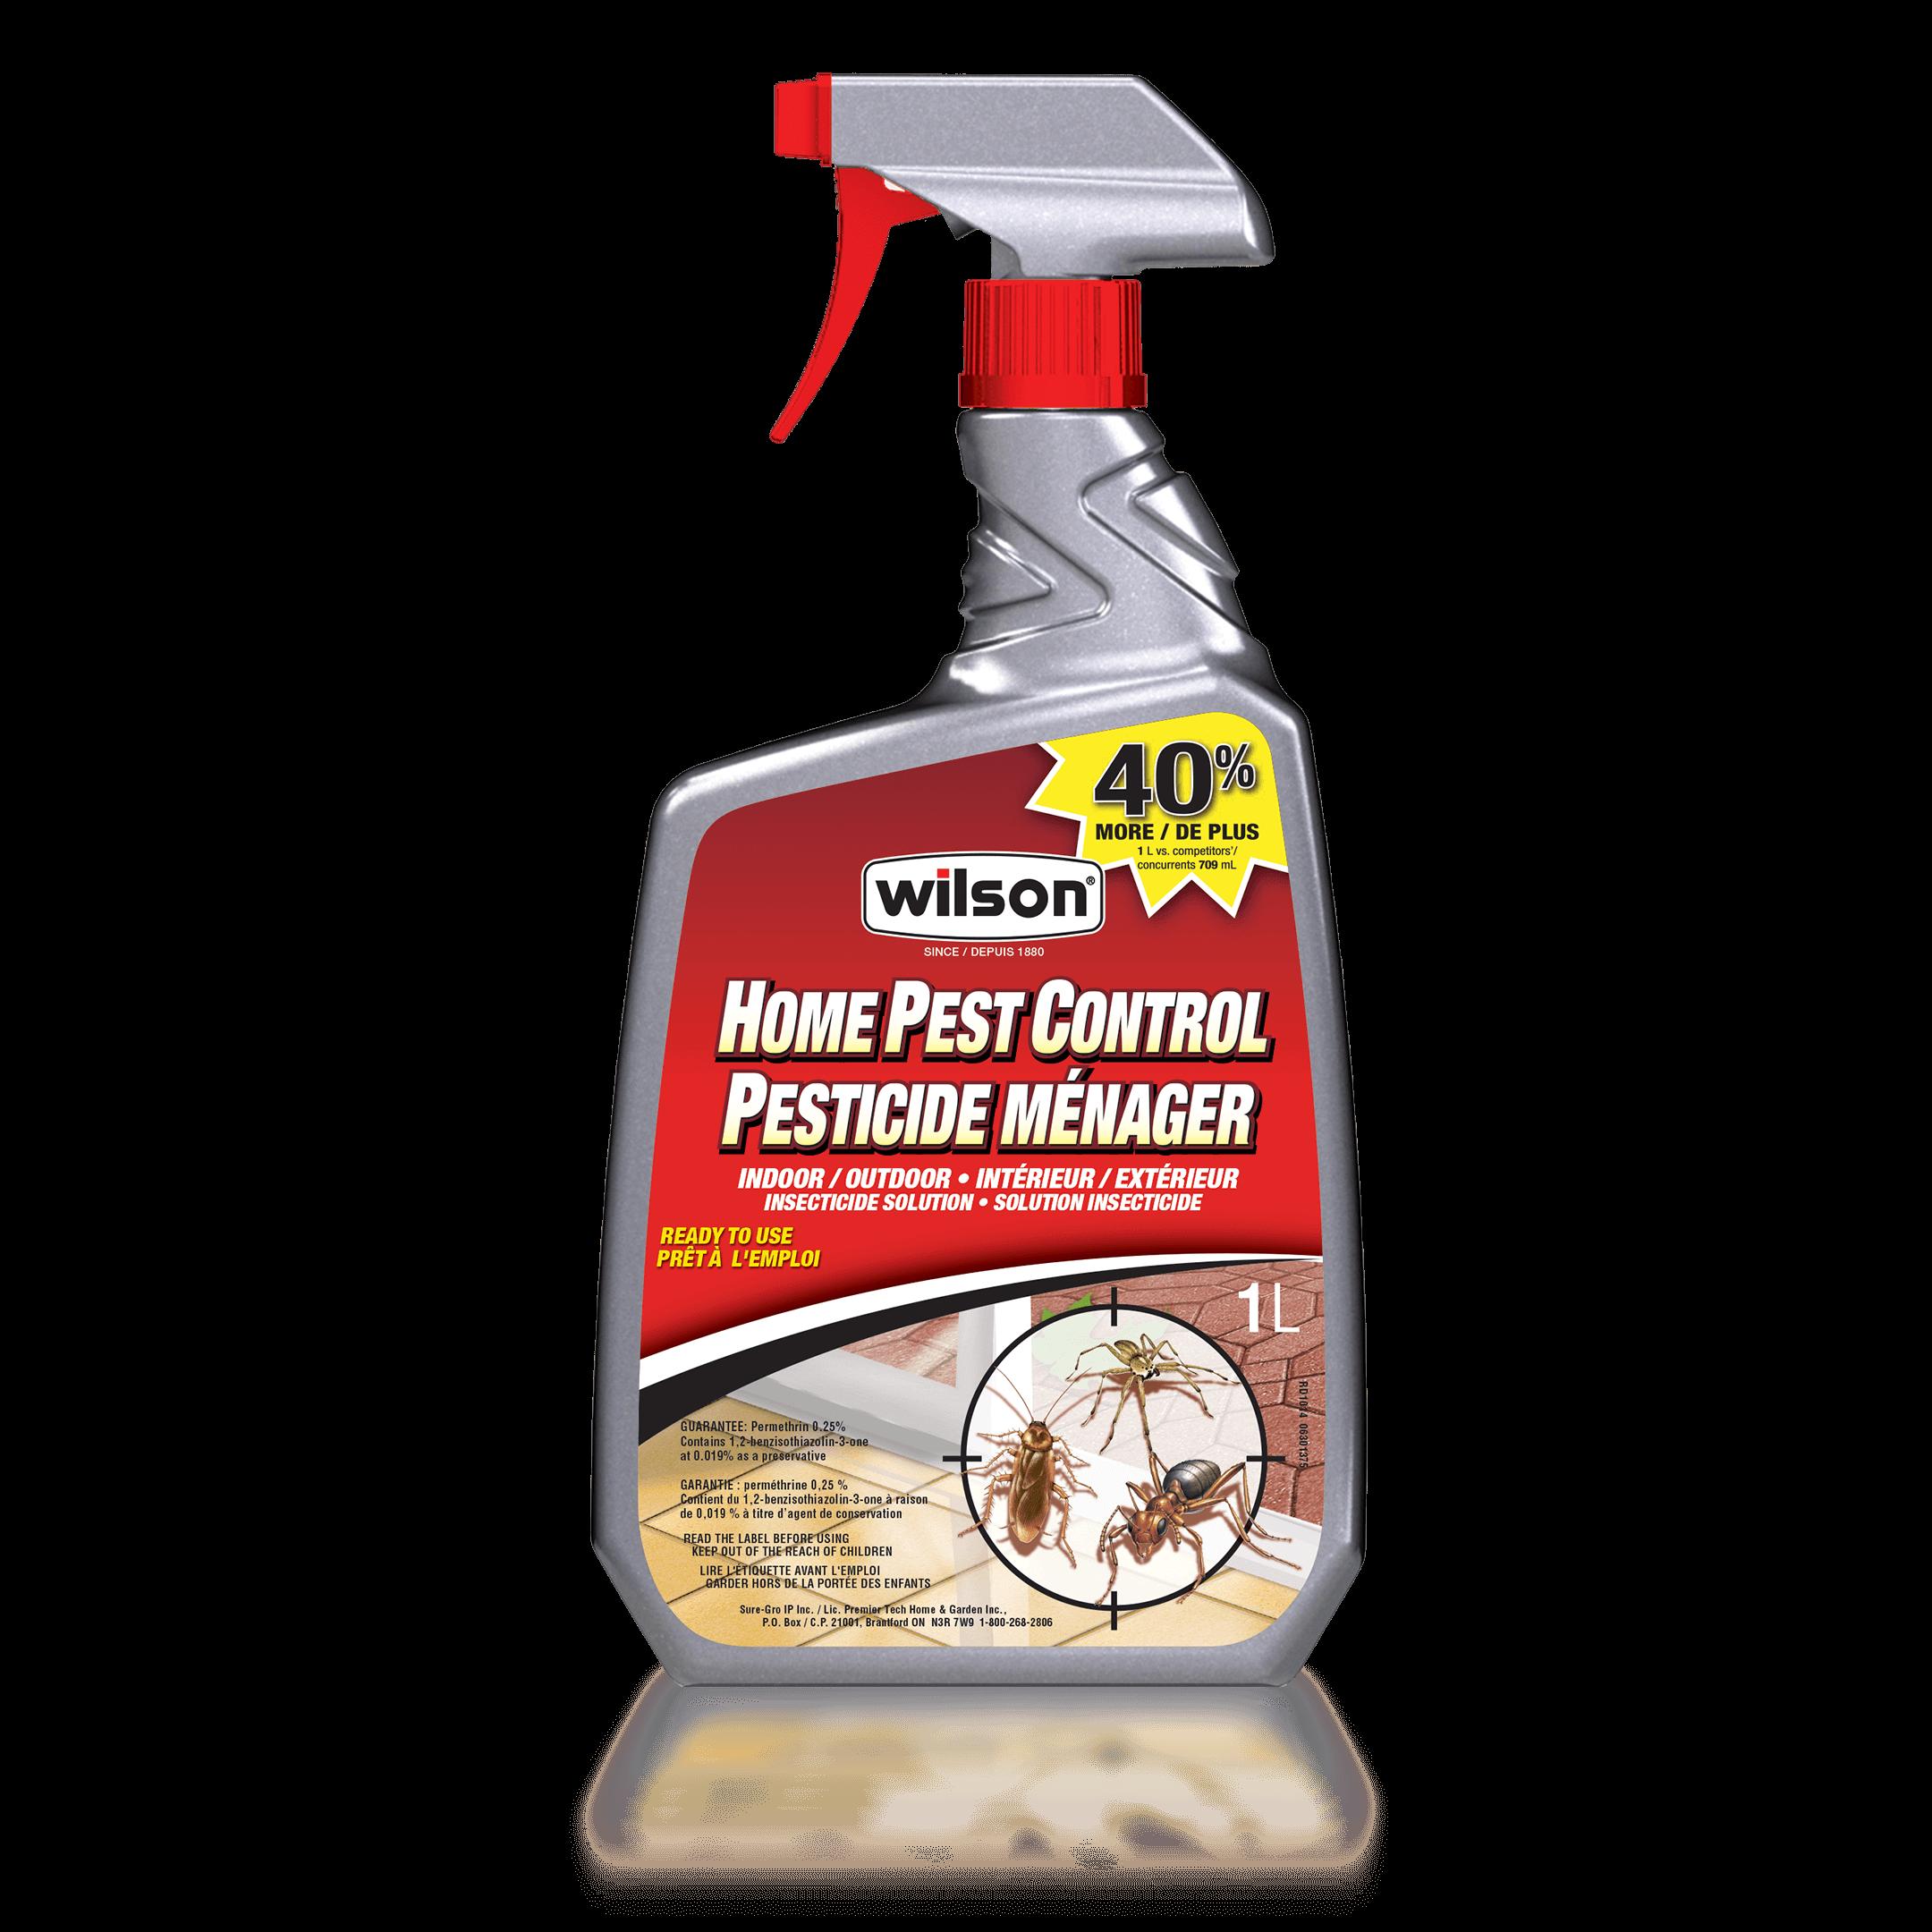 Wilson 174 Home Pest Control